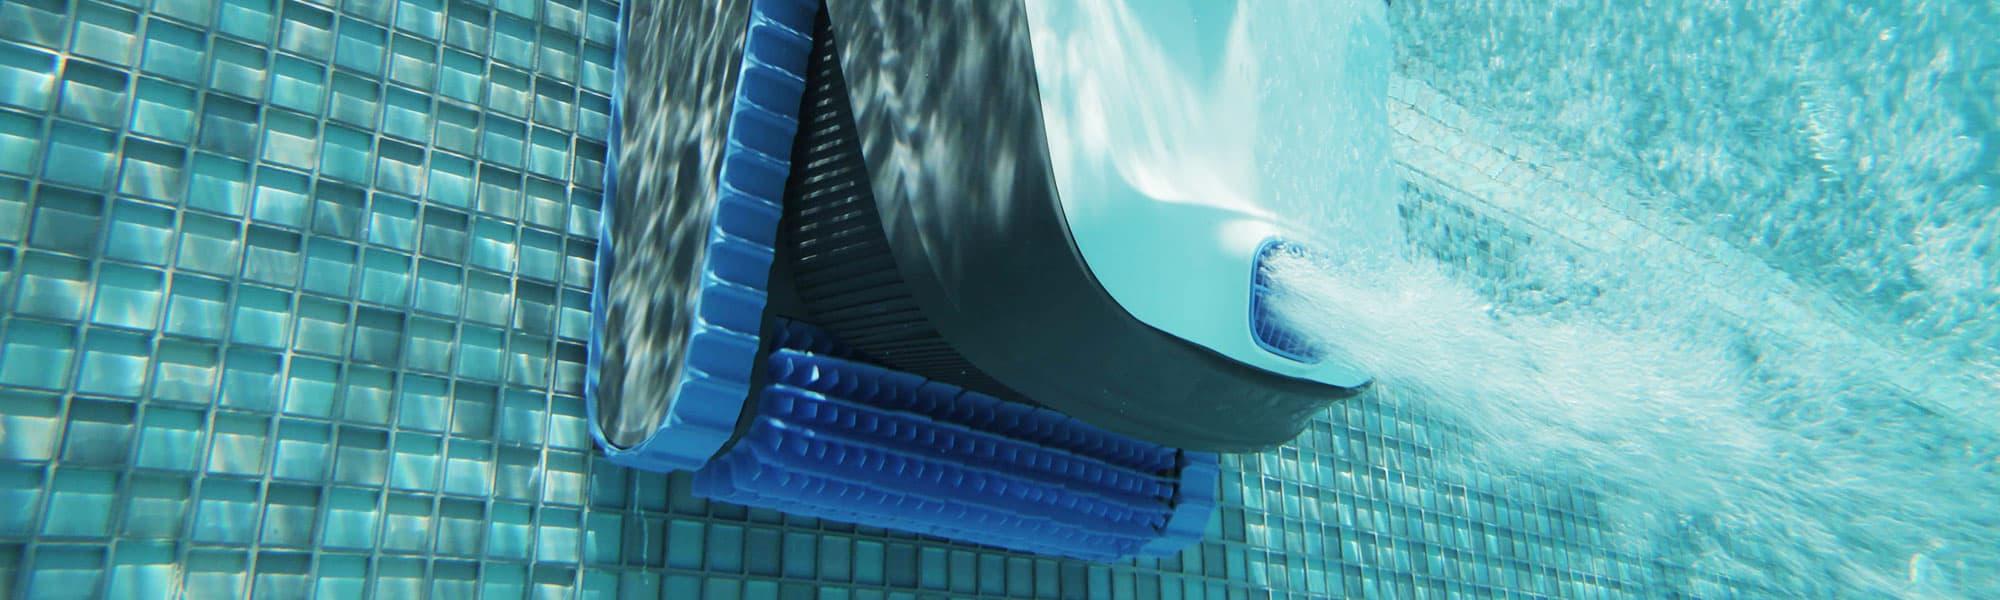 robot piscine fond et parois comment ça marche